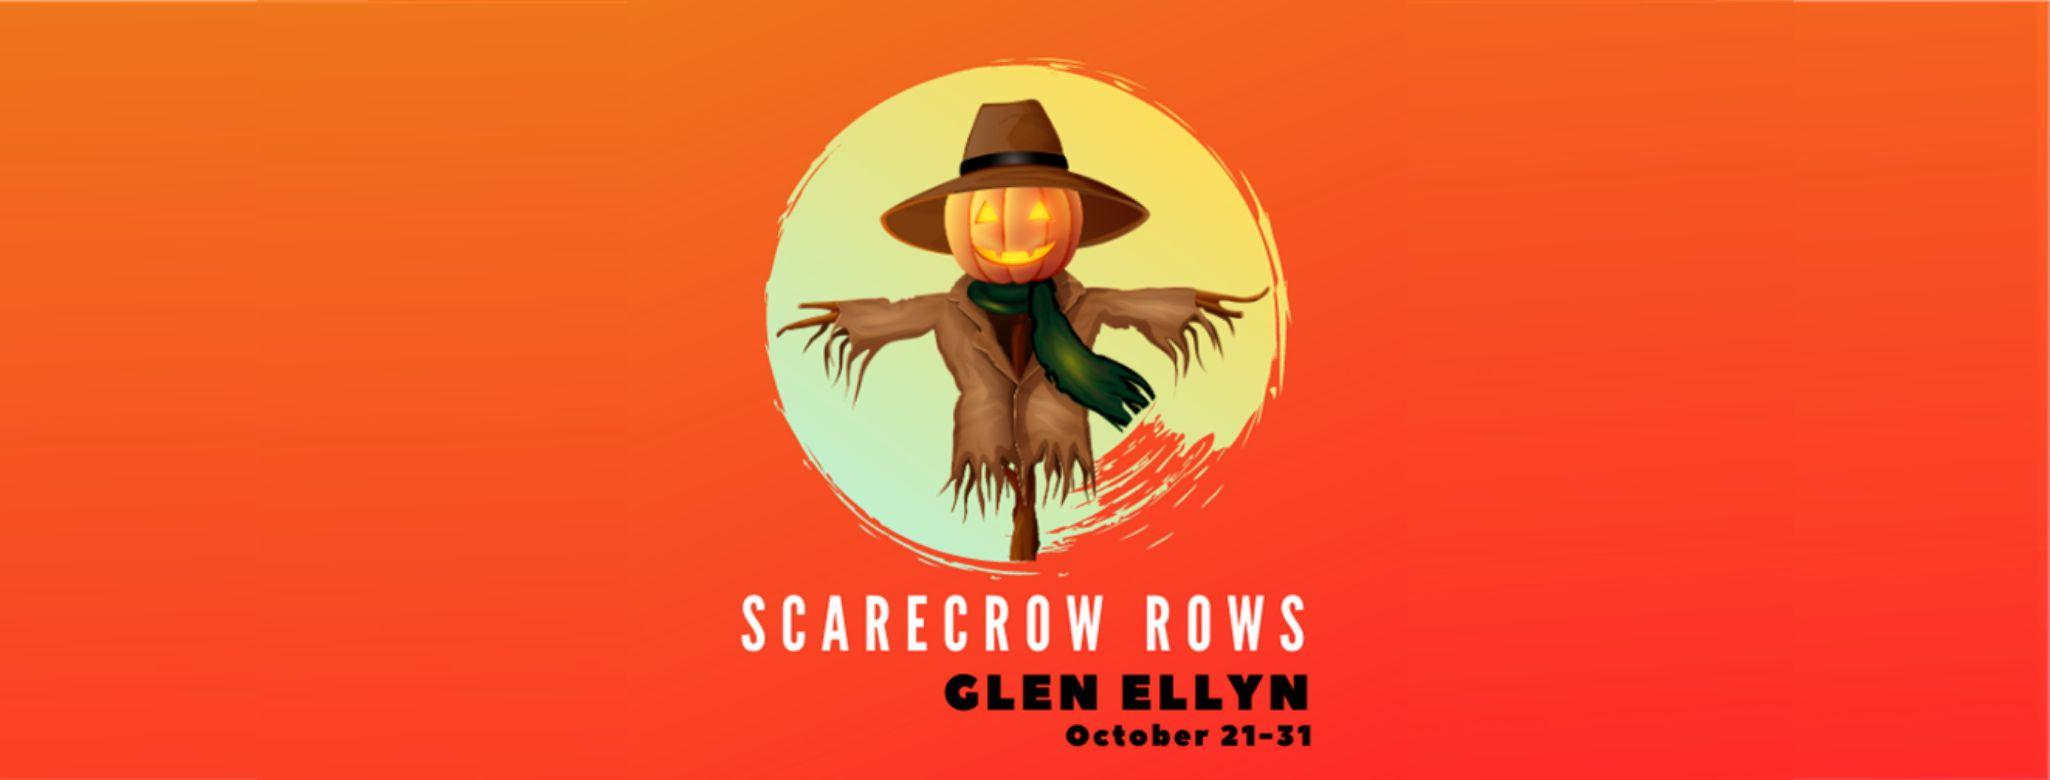 Scarecrows Banner Facebook Cover Photo